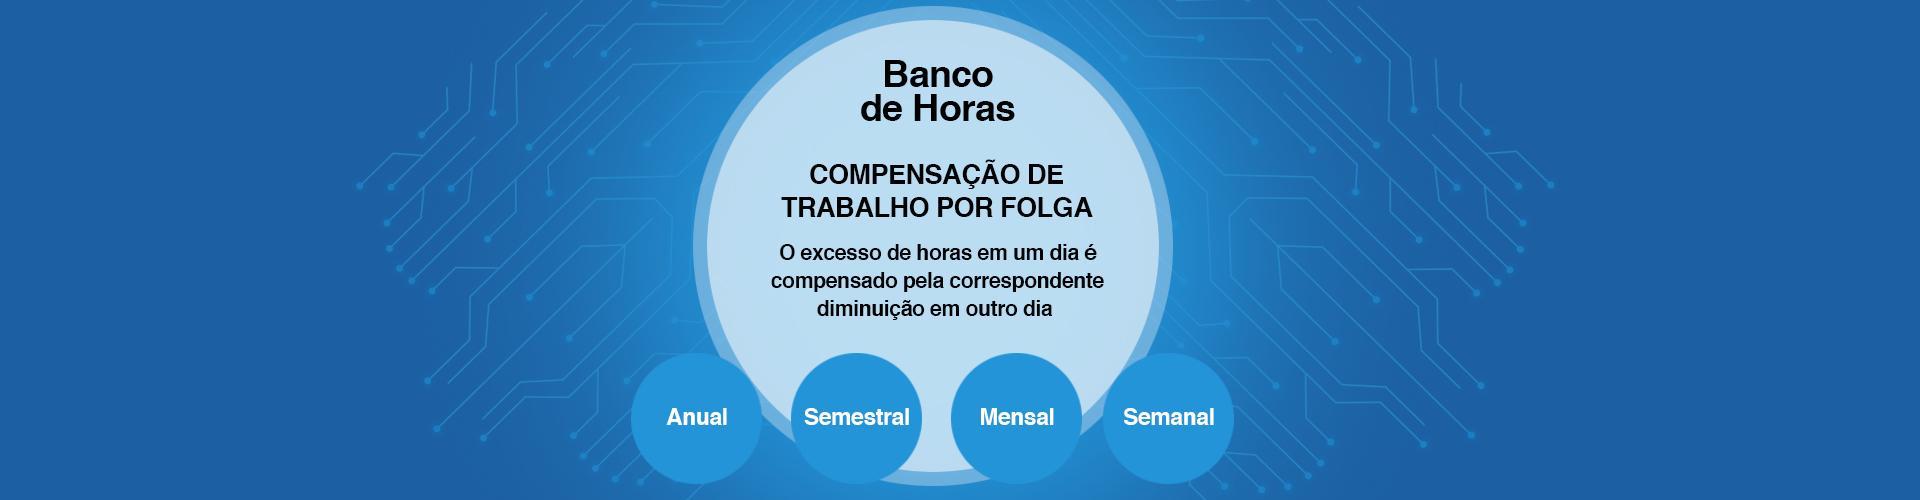 Banco de Horas - Apresentação Dr. André Melatti